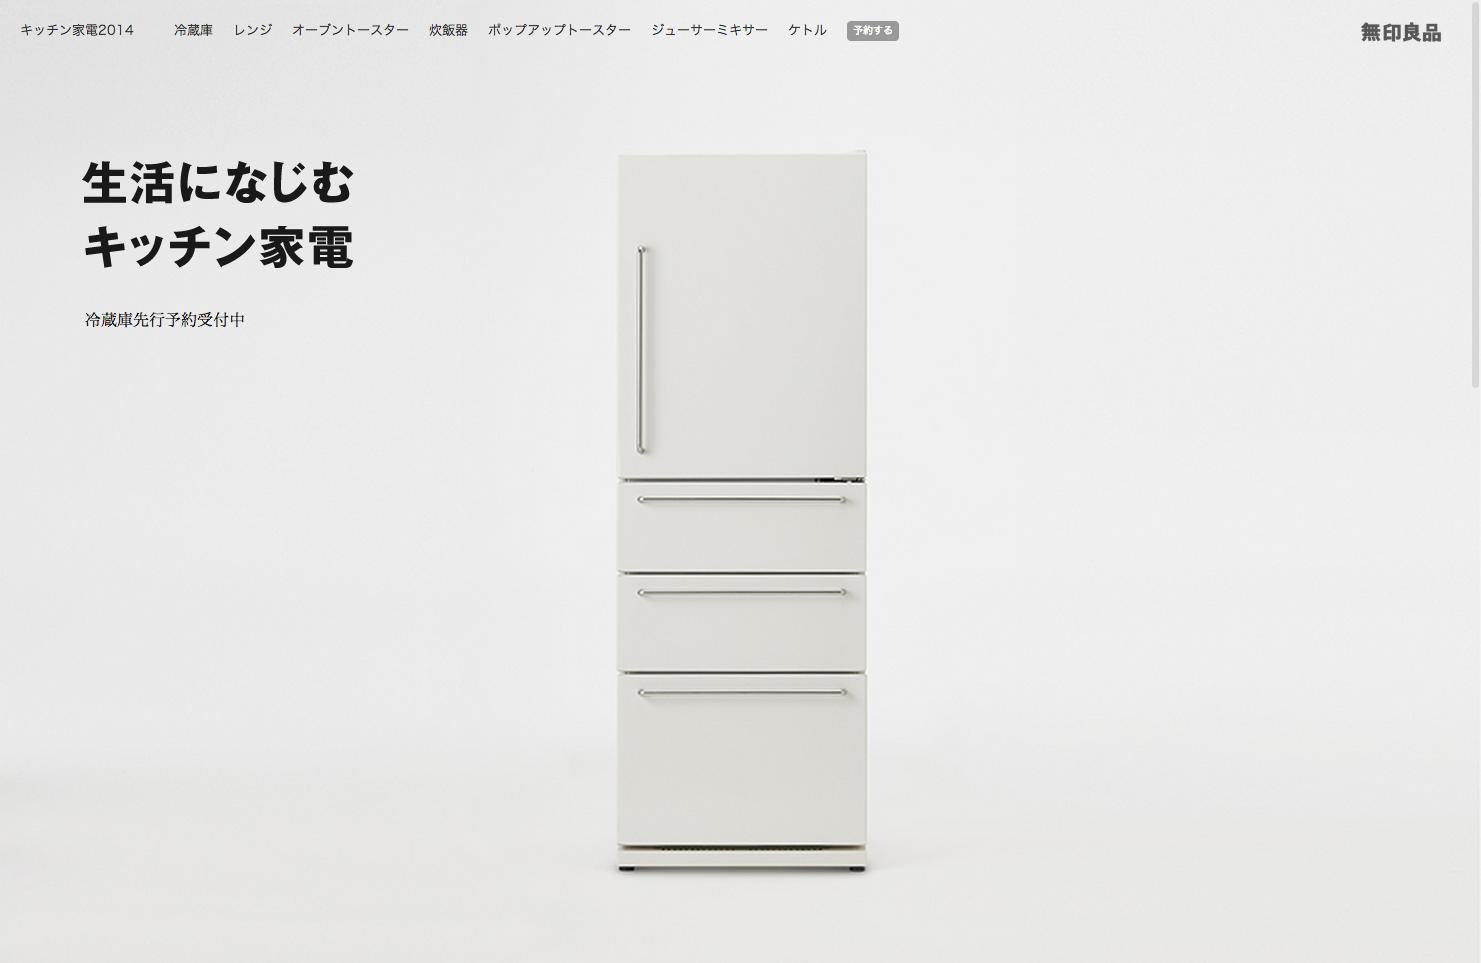 キッチン家電2014 | 無印良品